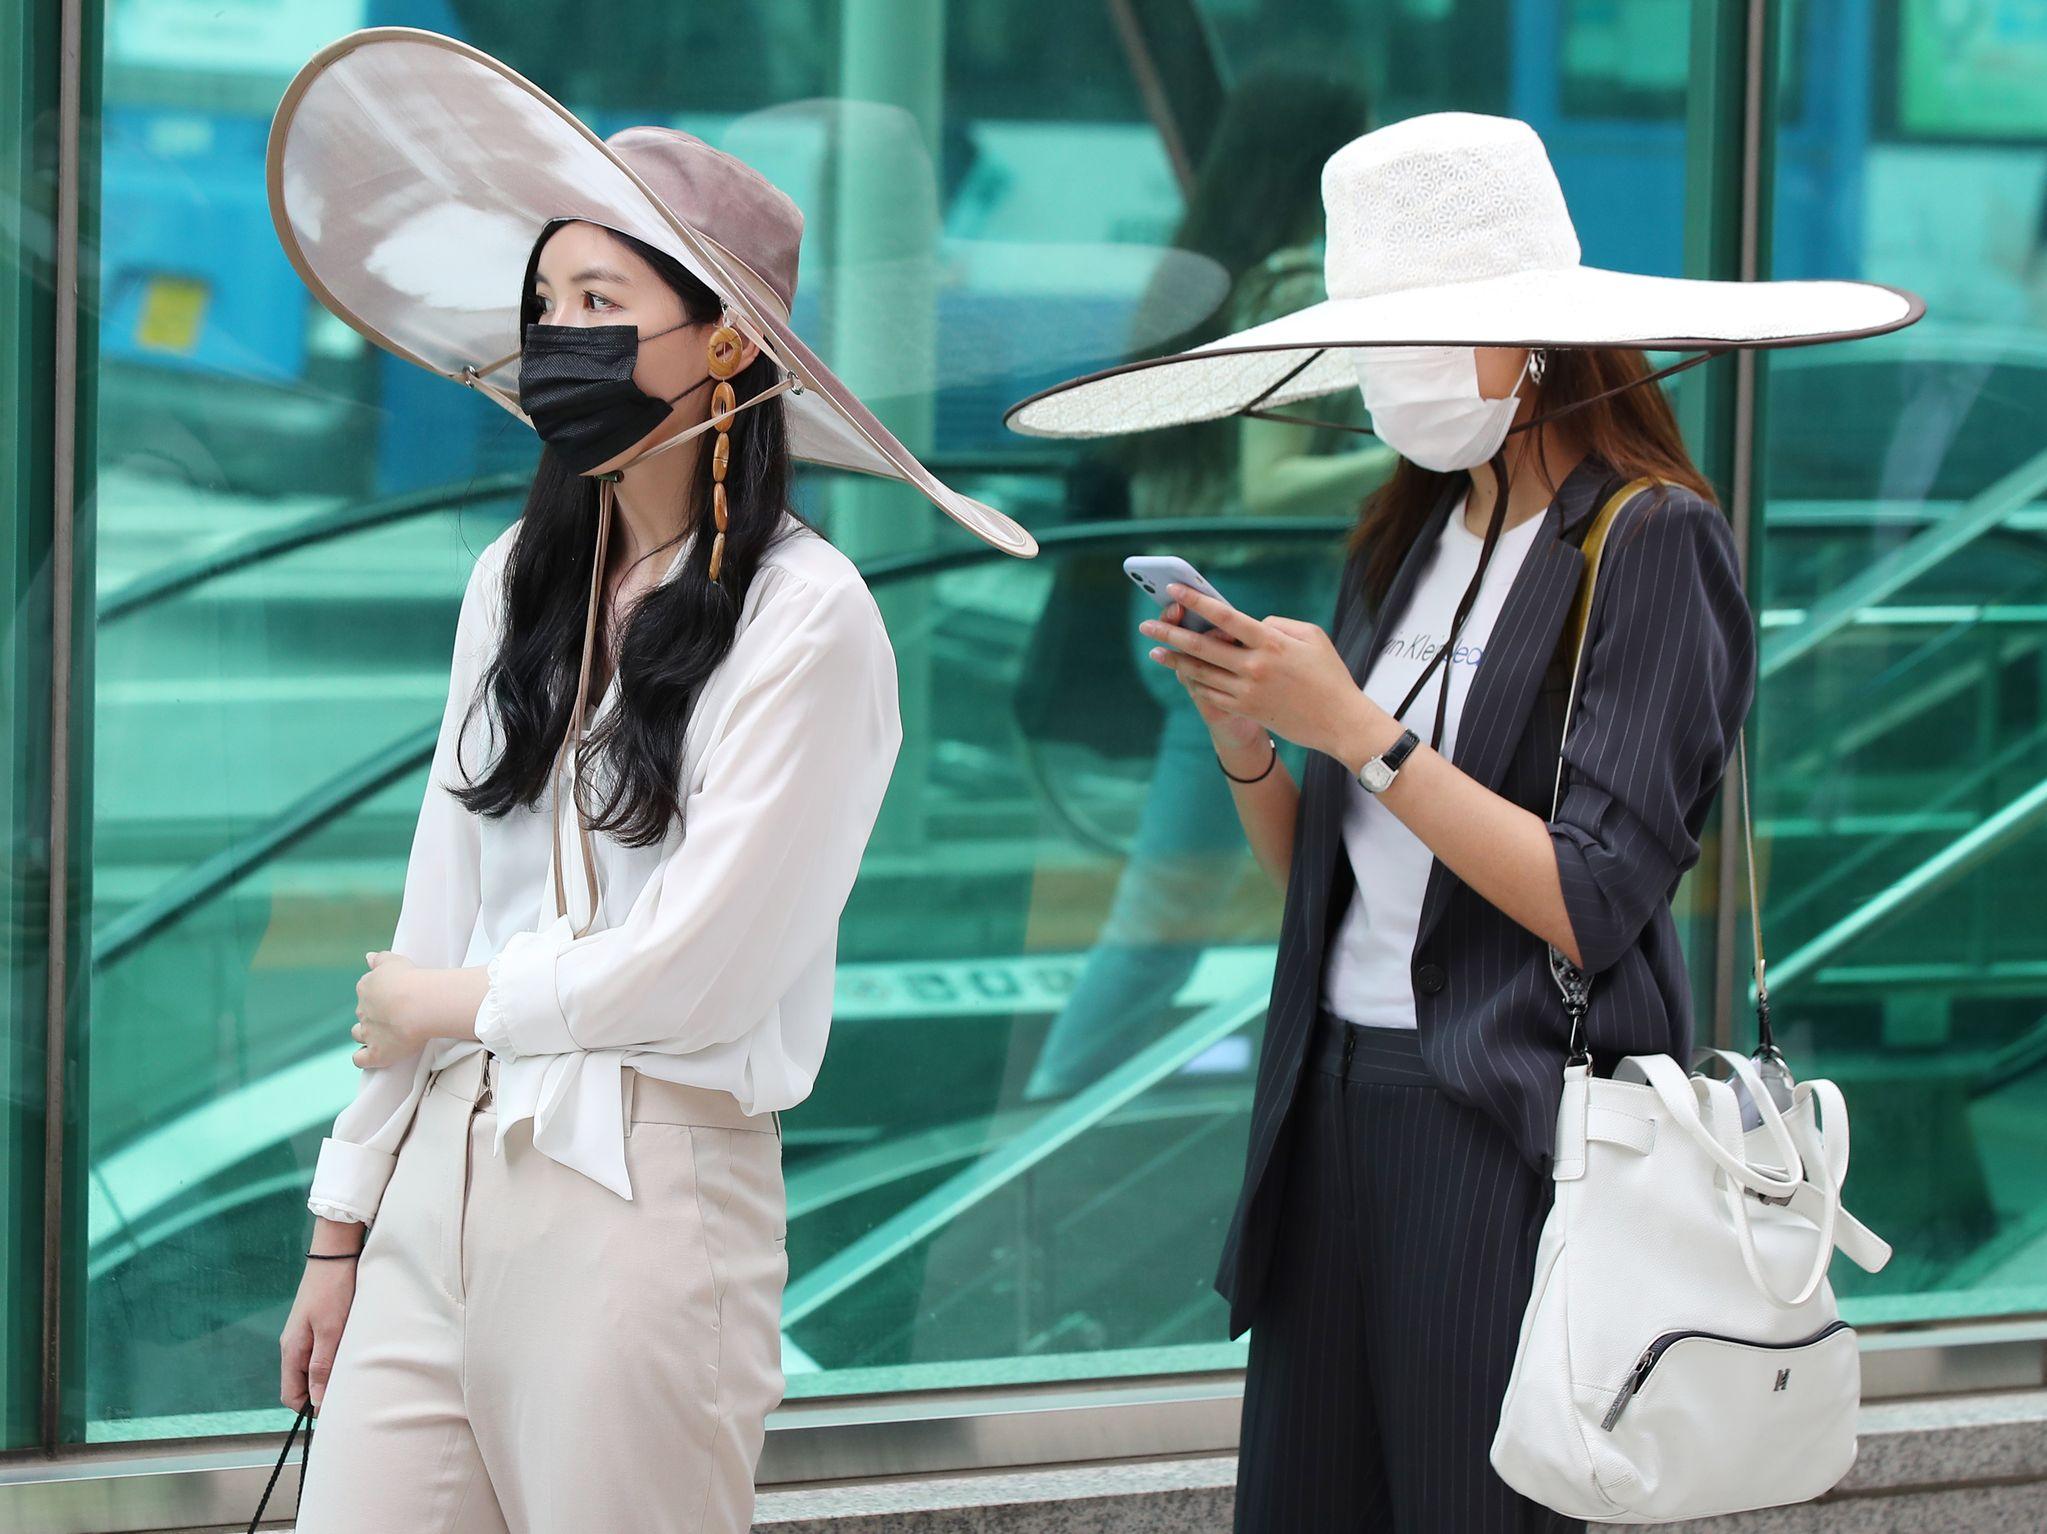 26일 오후 서울 강남역에서 열린 K거리두기운동본부 모델이 전통 선비갓에서 영감을 얻어 만든 거리두기 모자(K-god)를 착용하고 캠페인을 벌이고 있다.   [연합뉴스]